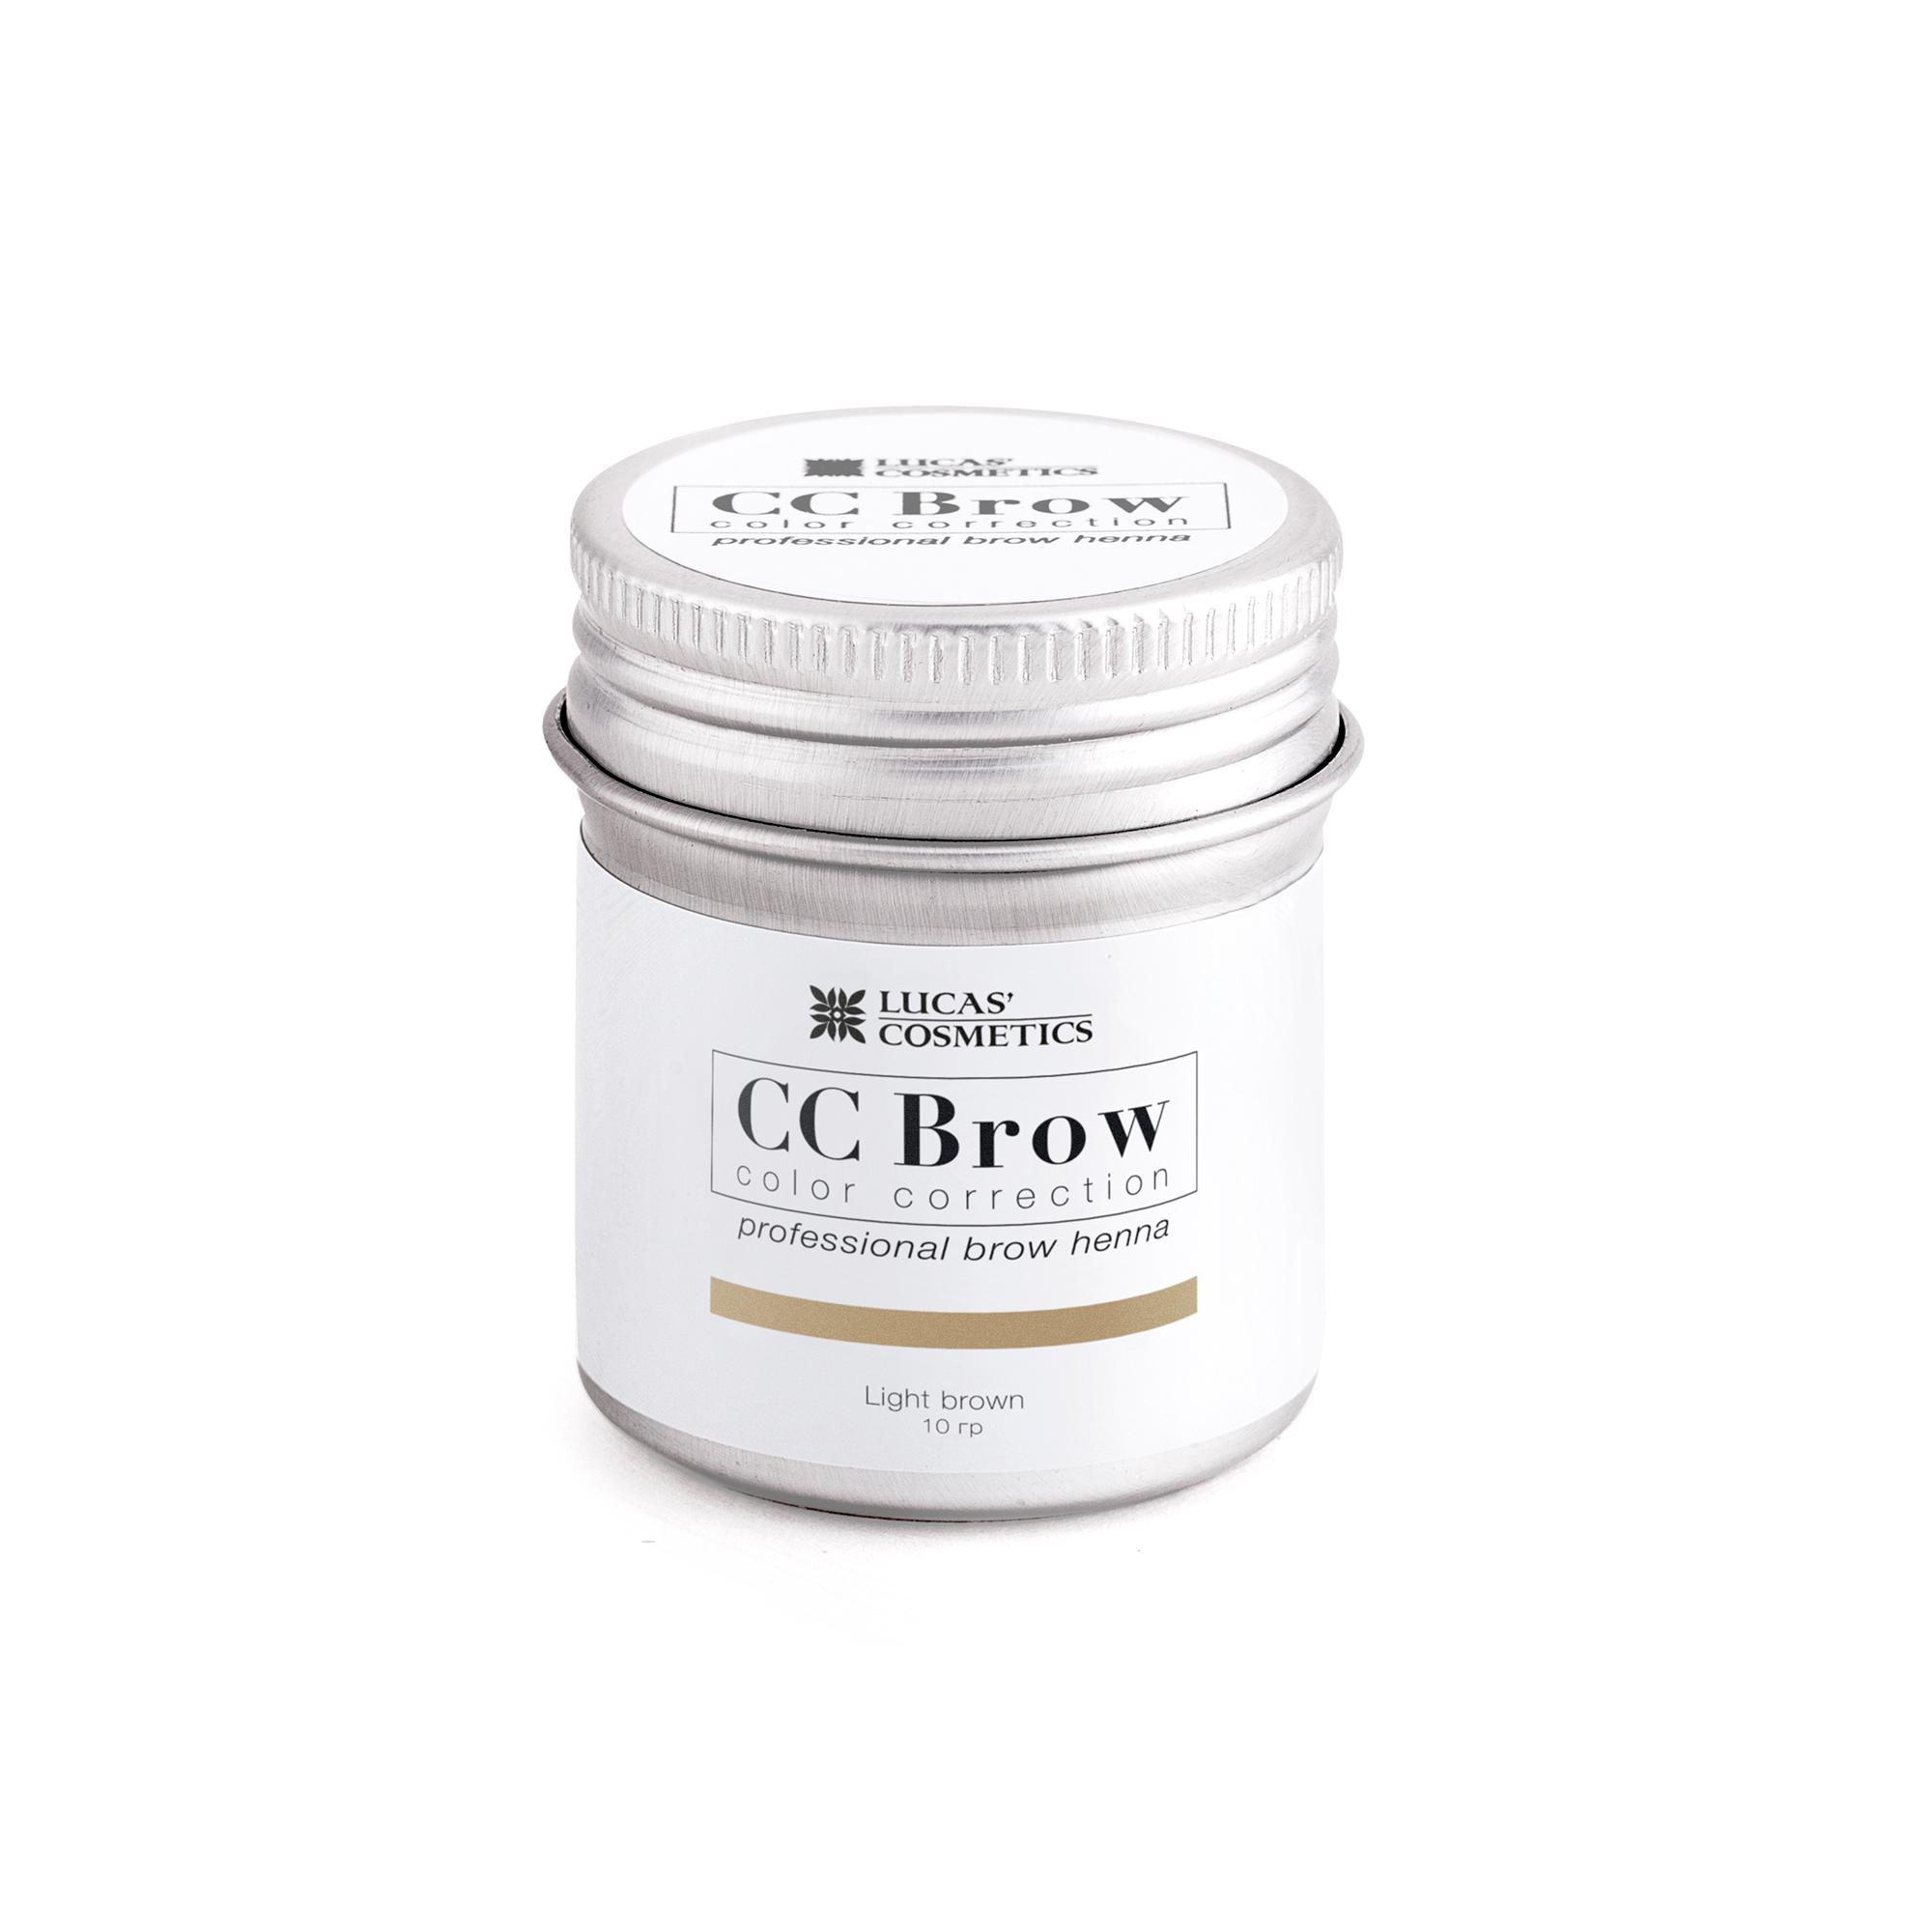 LUCAS' COSMETICS Хна для бровей в баночке (светло-коричневый) / CC Brow (light brown), 10 гр